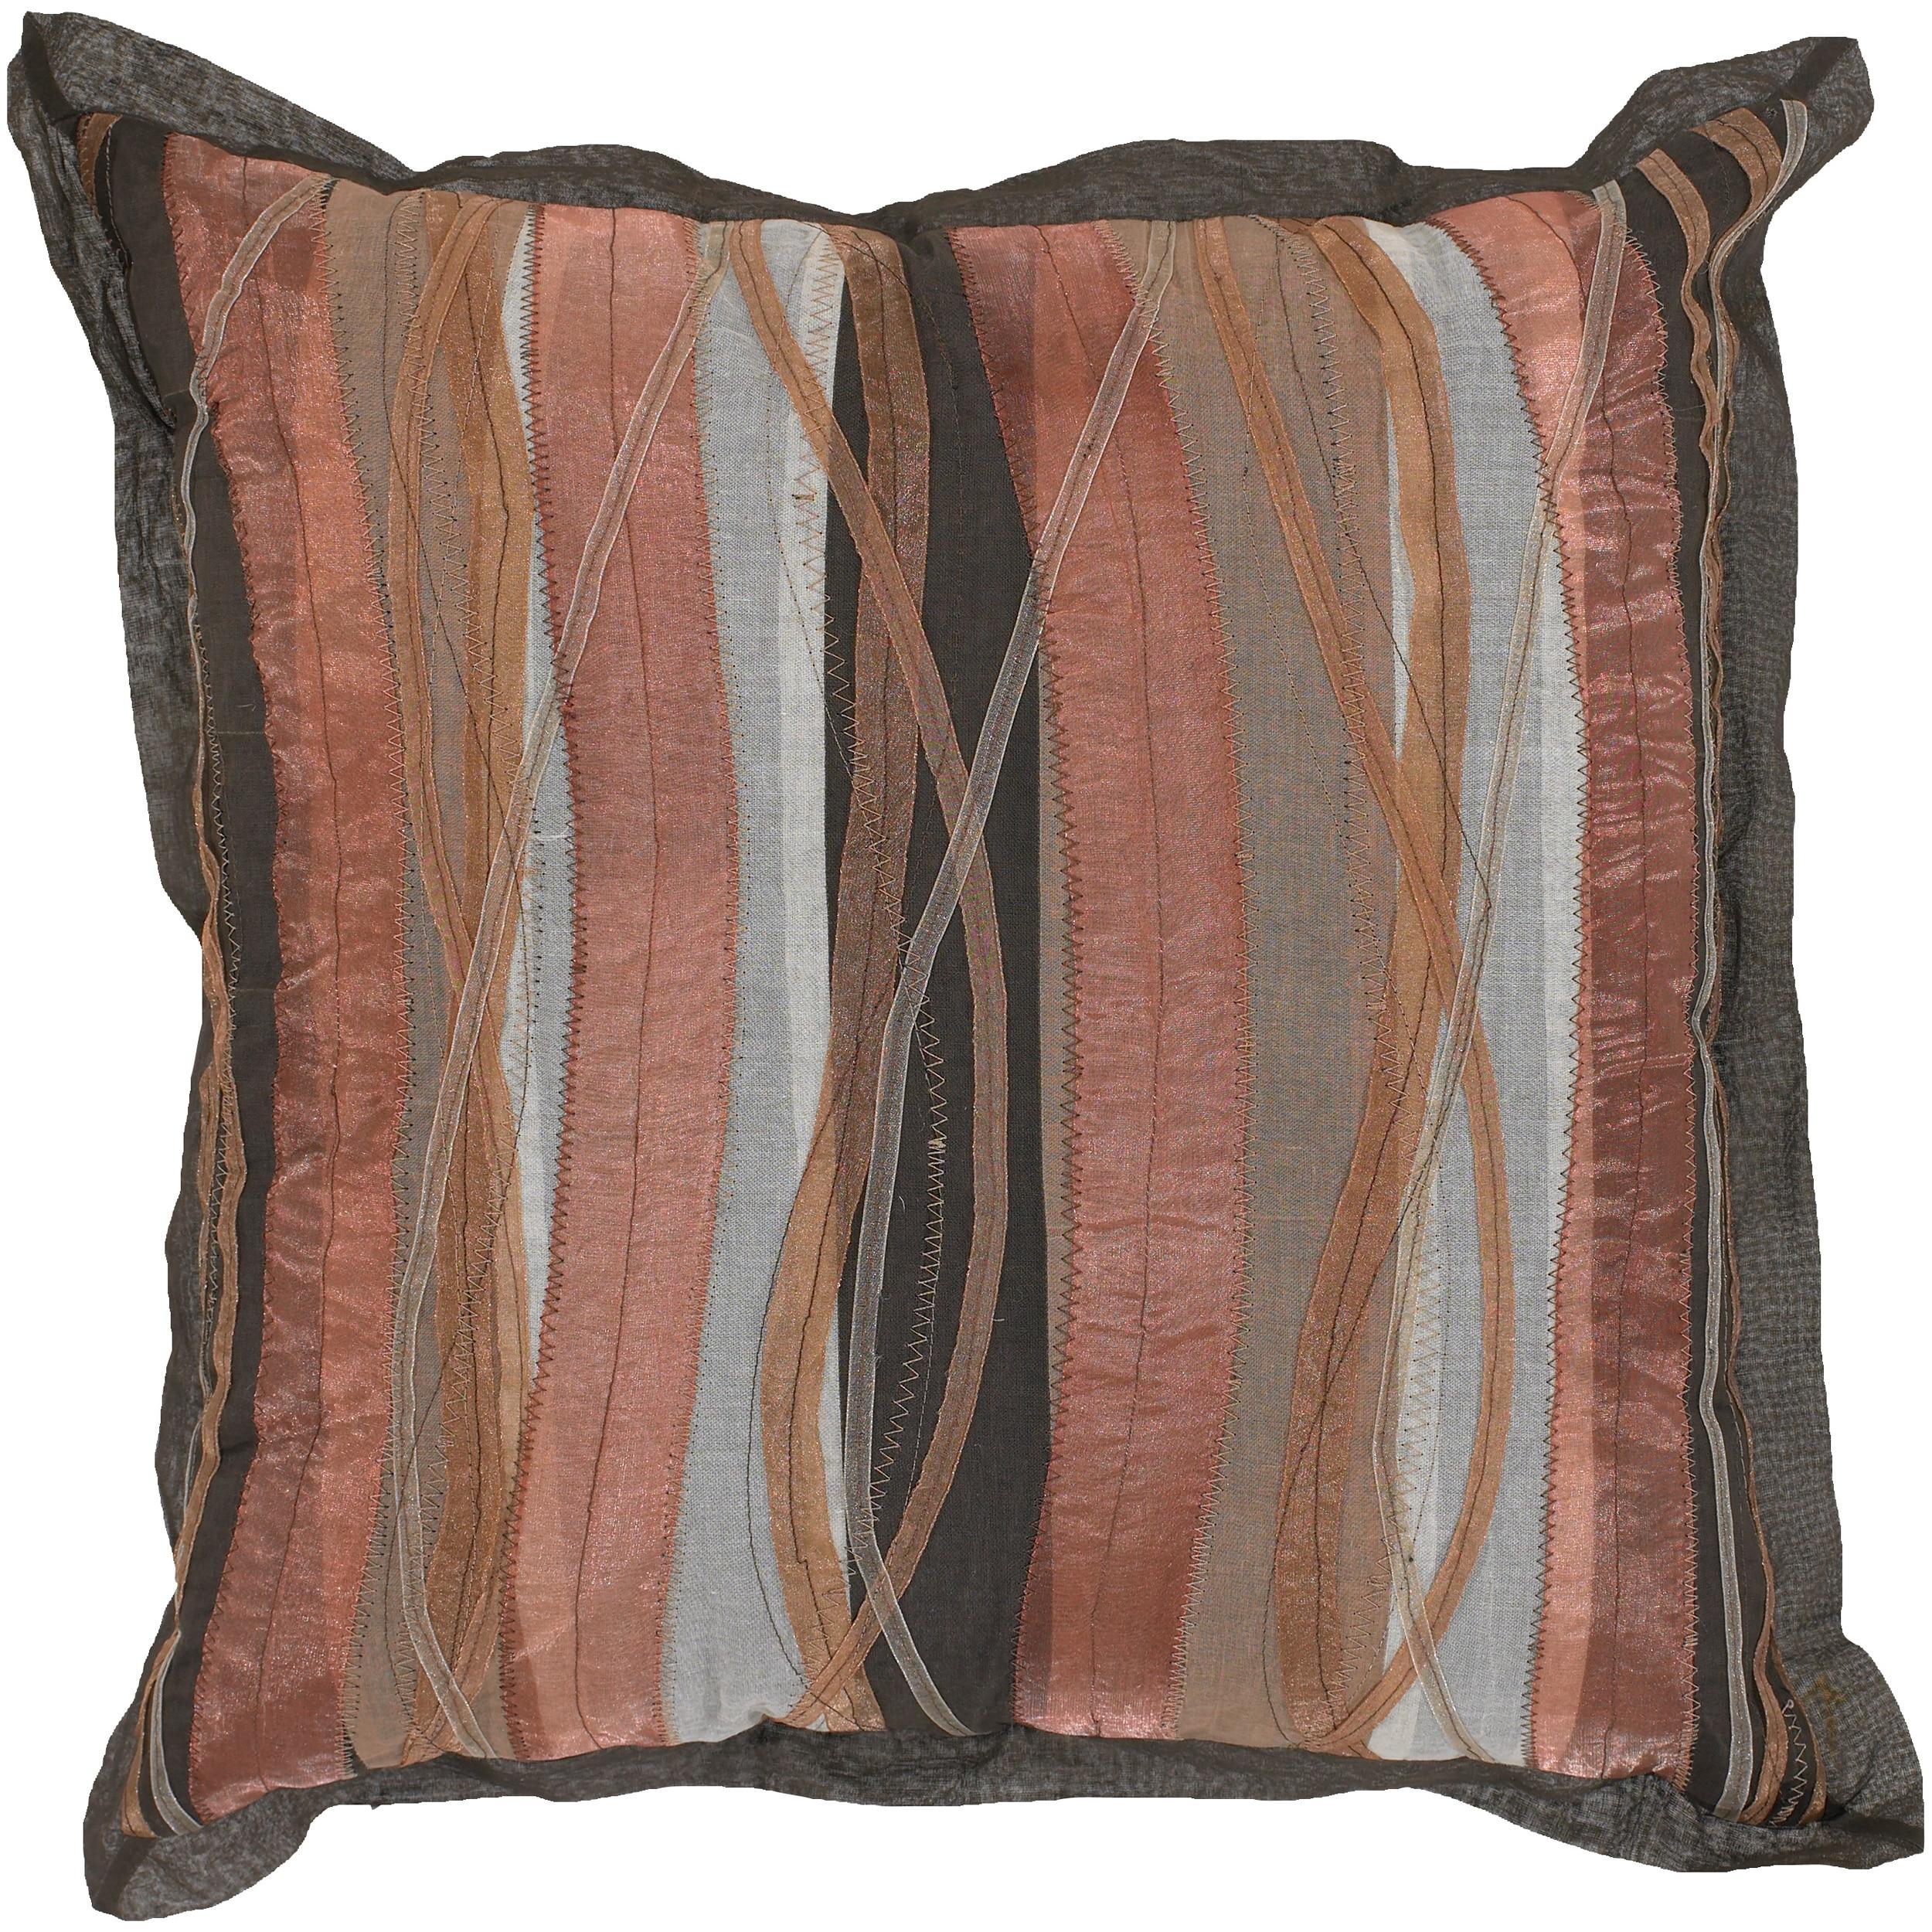 Decorative 18-inch Lausanne Pillow